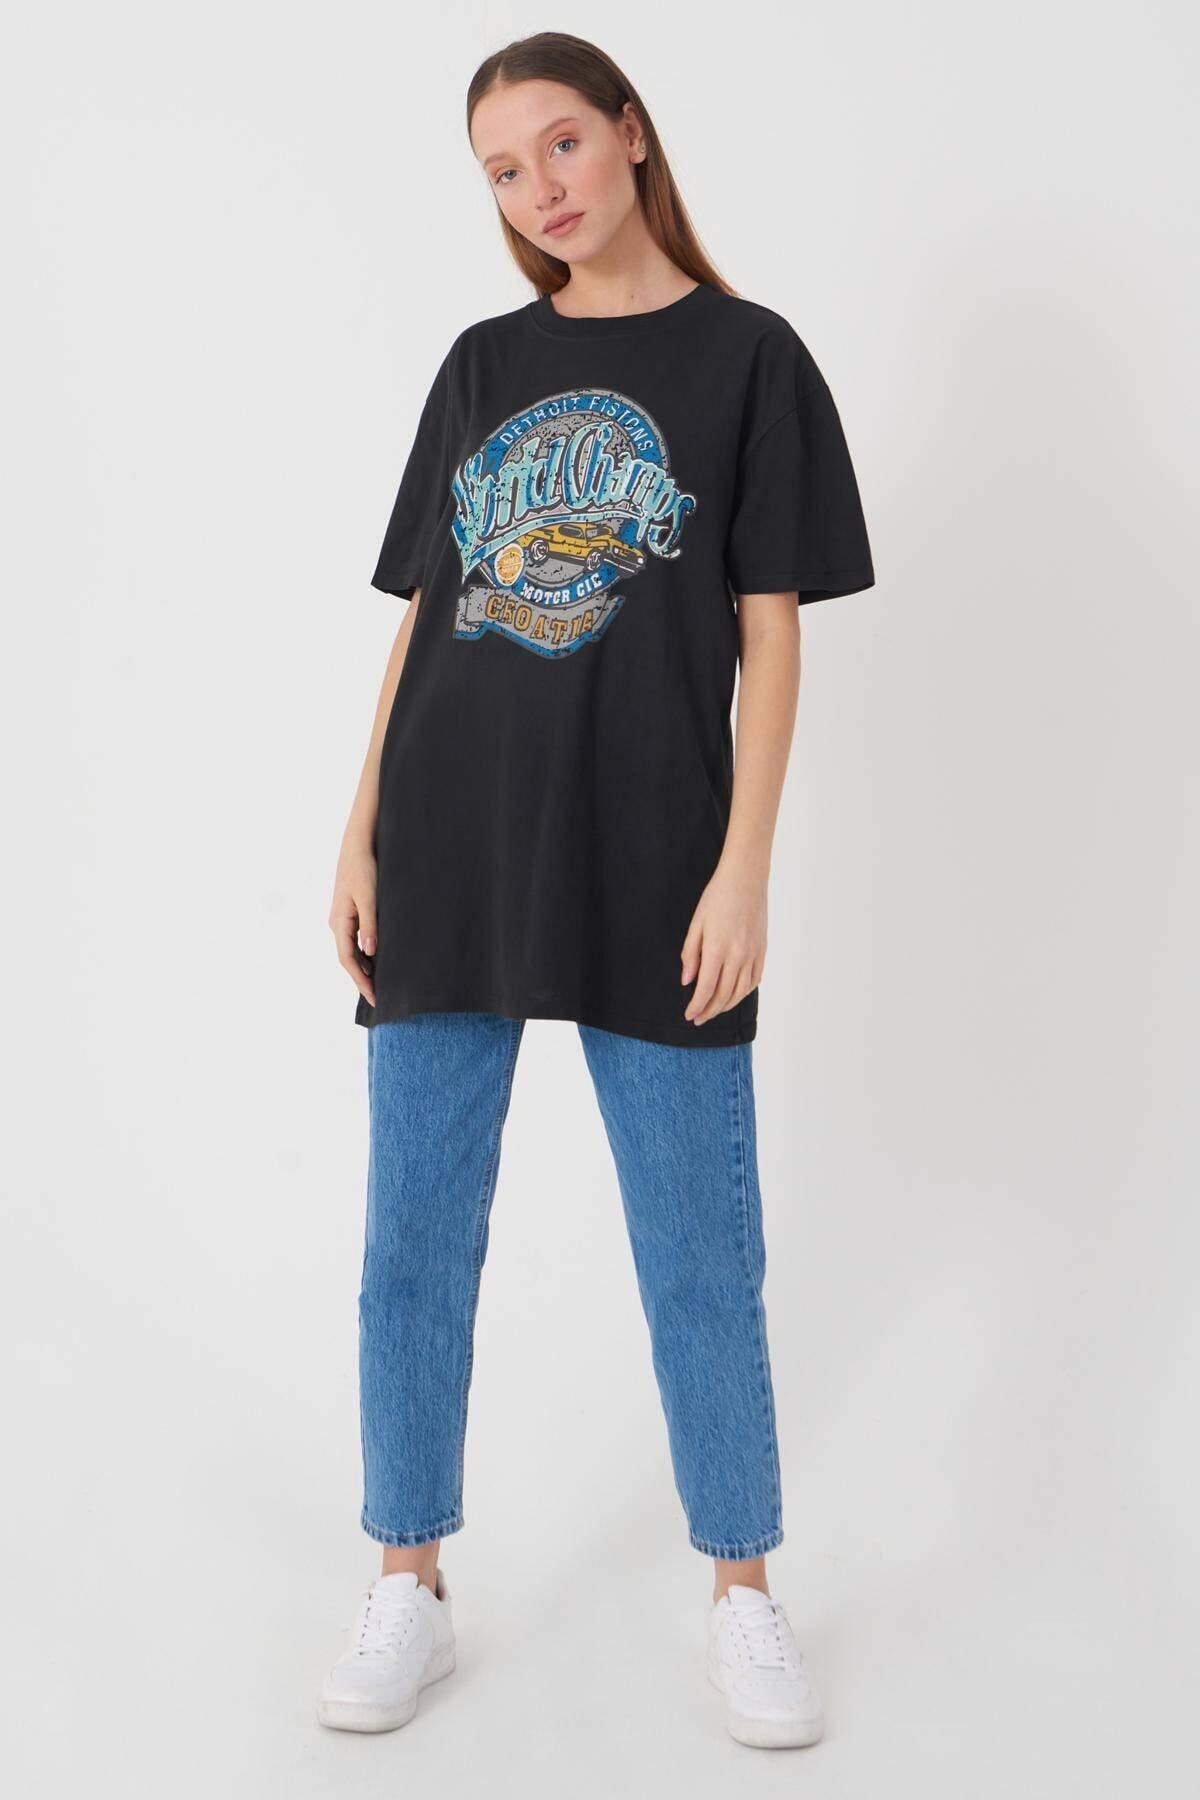 Addax Kadın Füme Baskılı T-Shirt P9422 - W7 Adx-0000022146 2